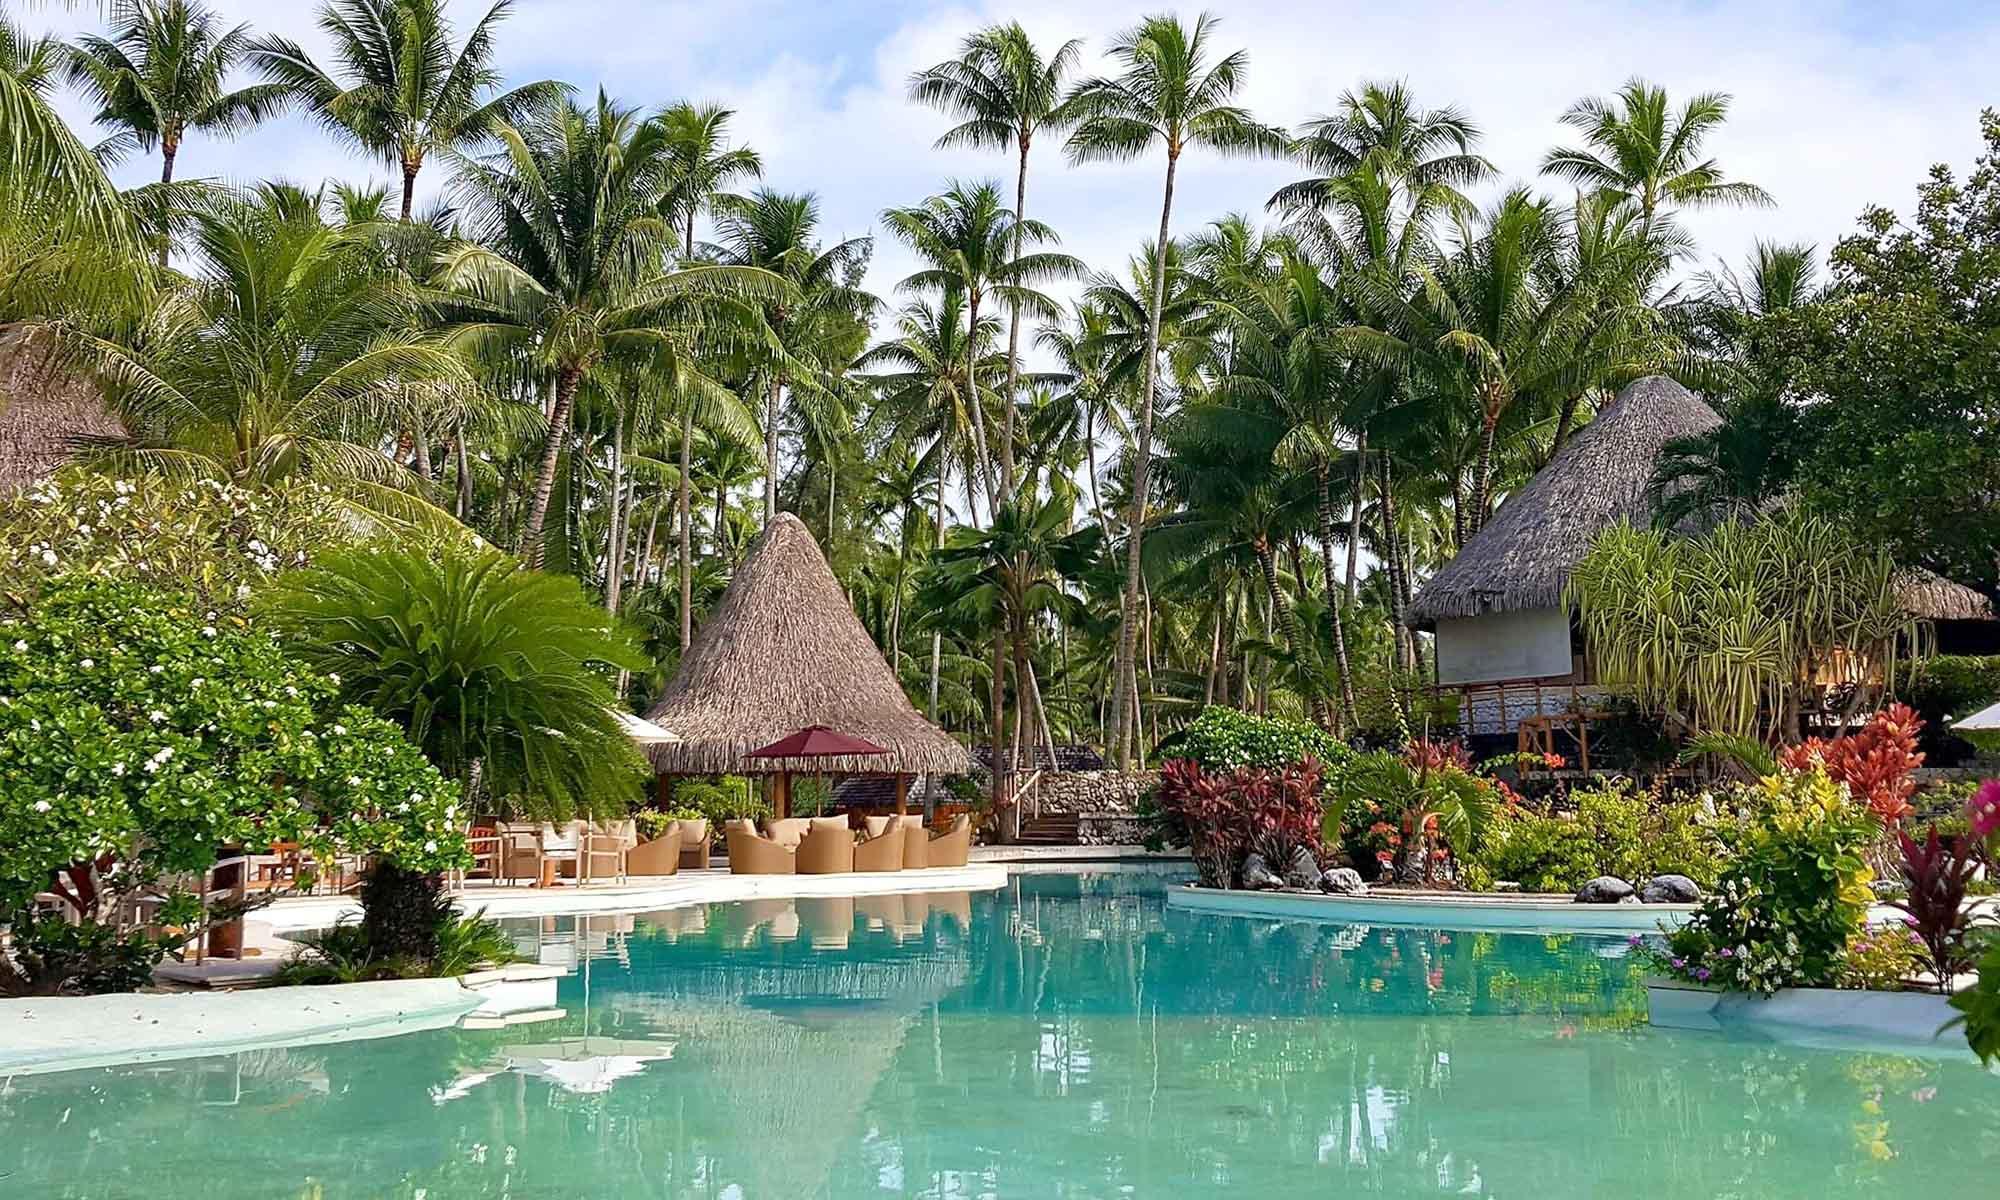 Bora Bora Pearl Beach Resort 5 night Honeymoon